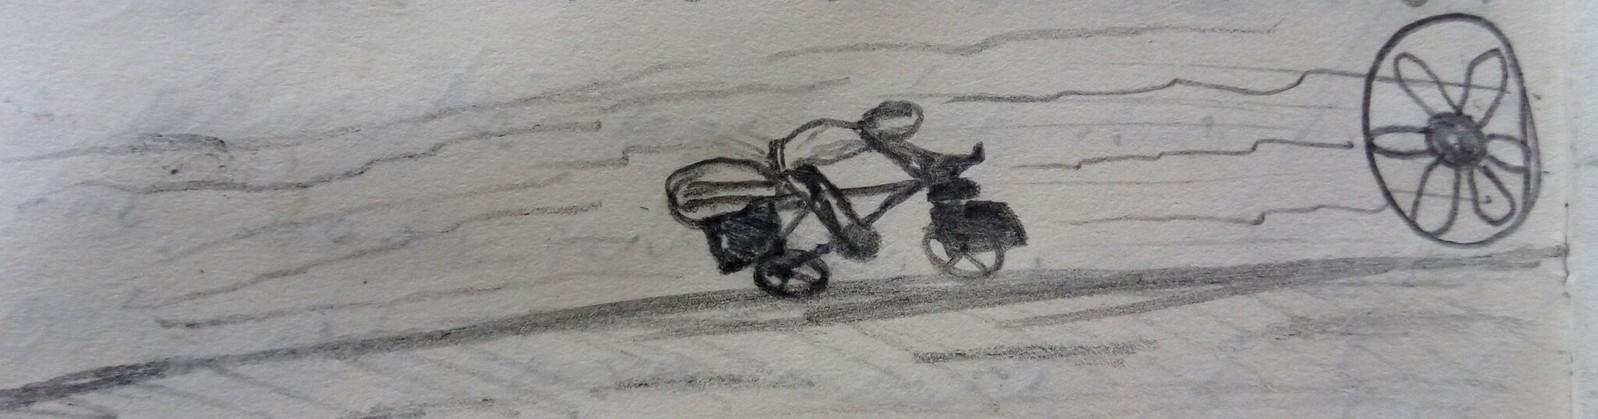 desenho do diário